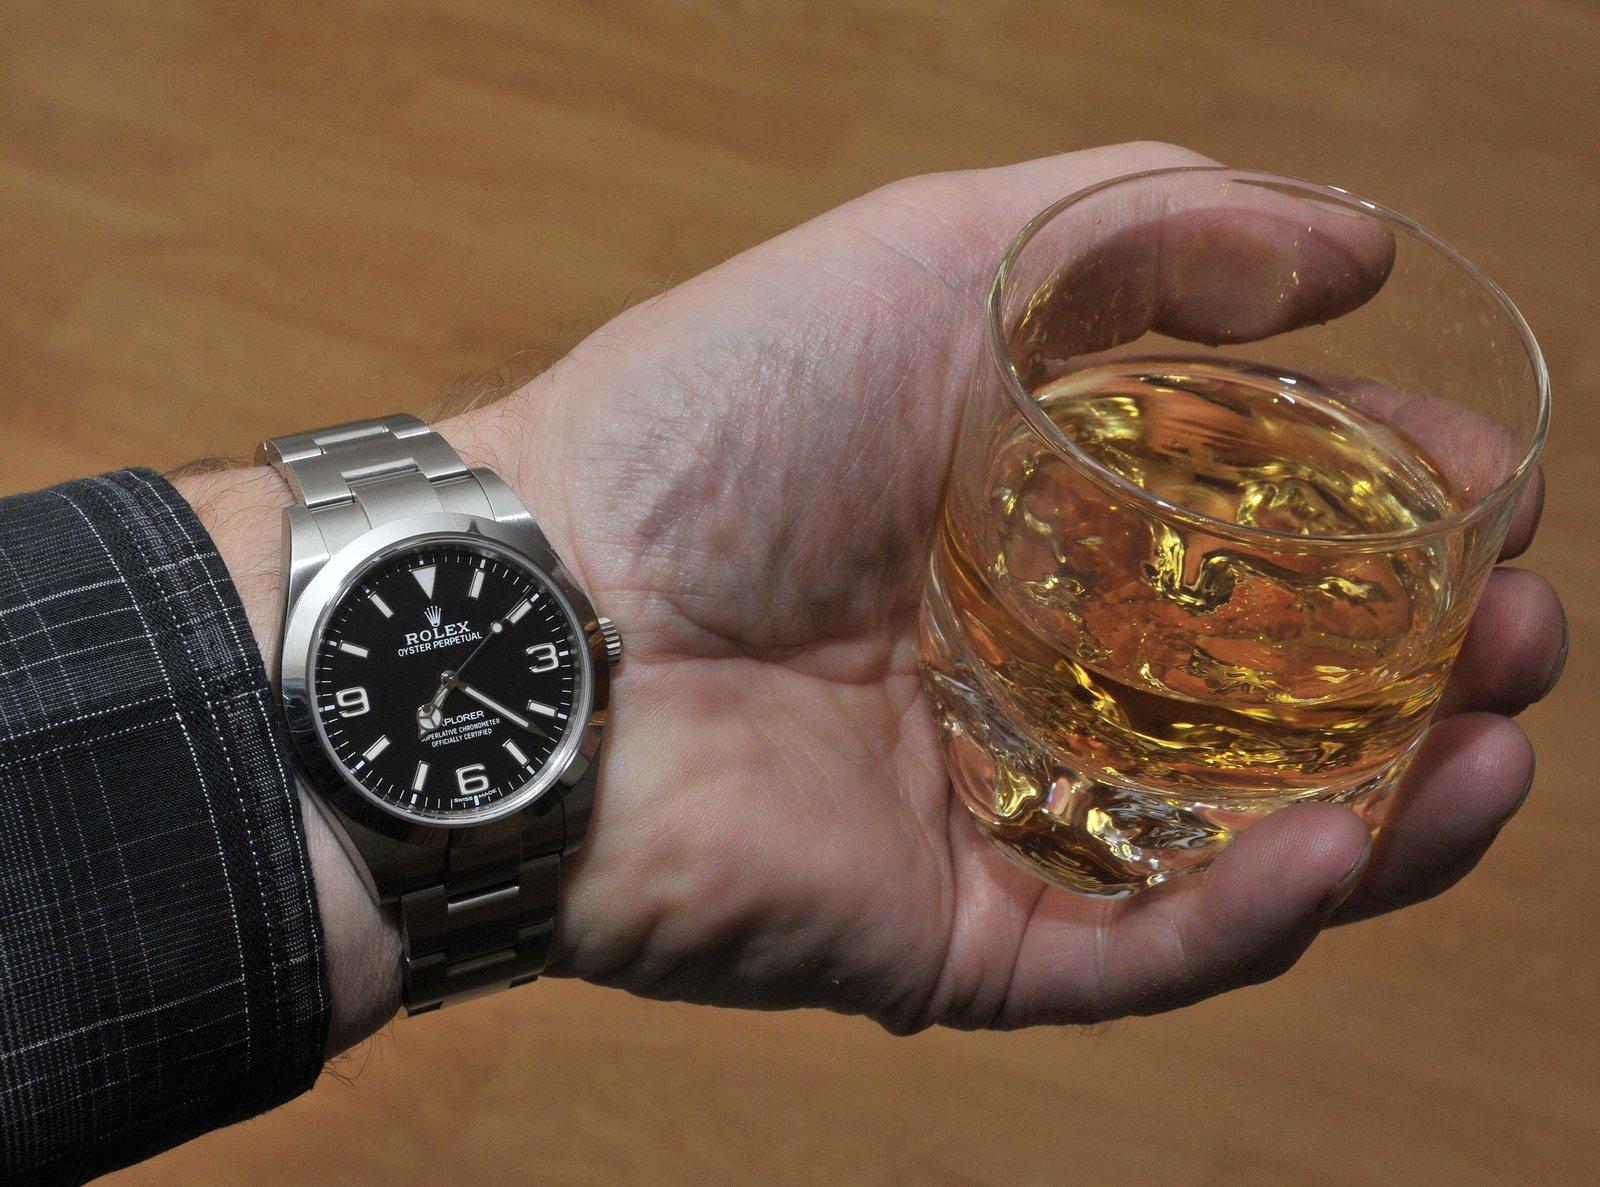 Rolex E1 2018-11-08 (Whisky).